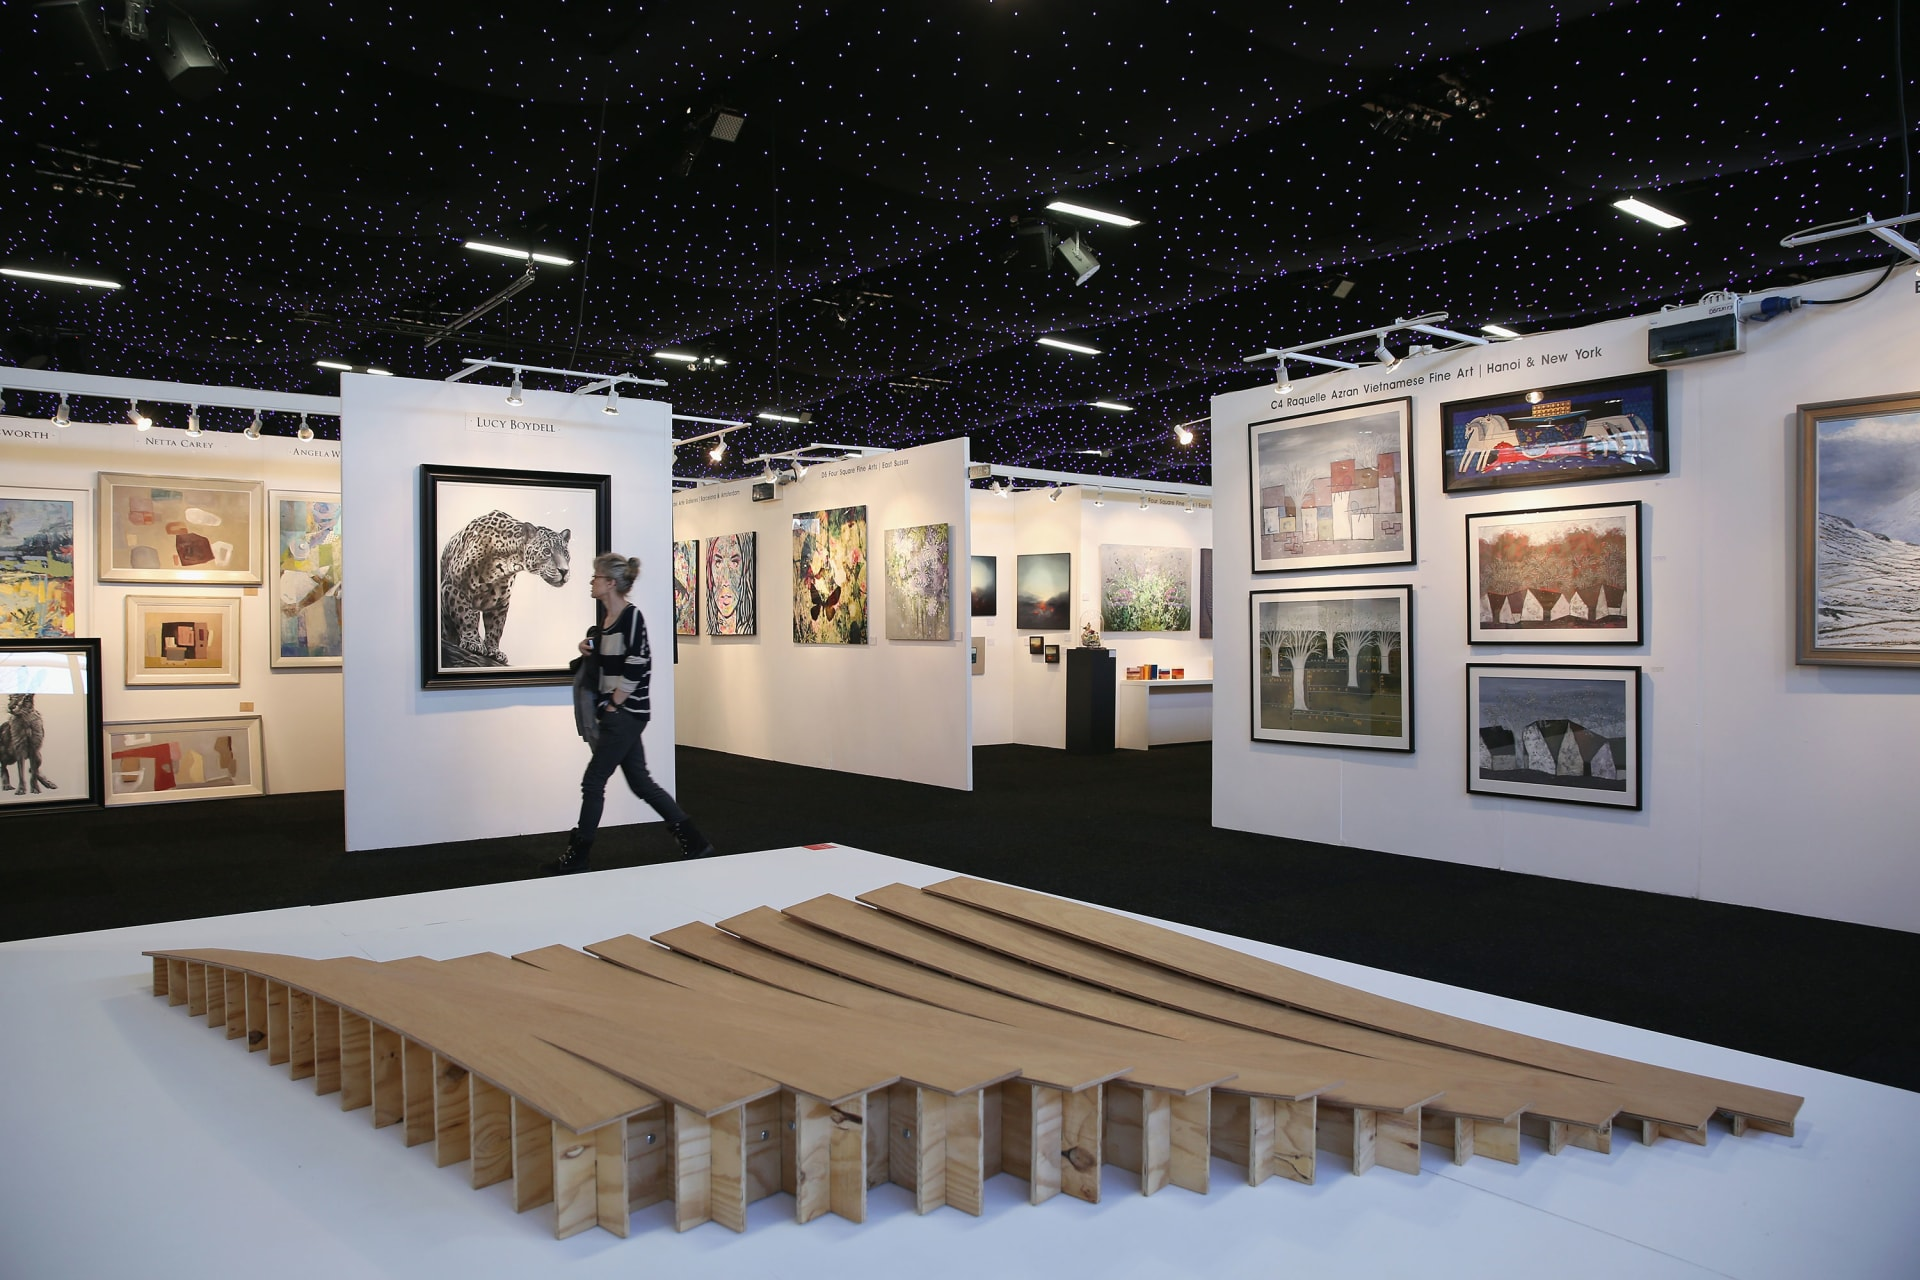 إلغاء دعوة مساعدة آسيوية إلى معرض لندن للفنون وسط مخاوف فيروس كورونا